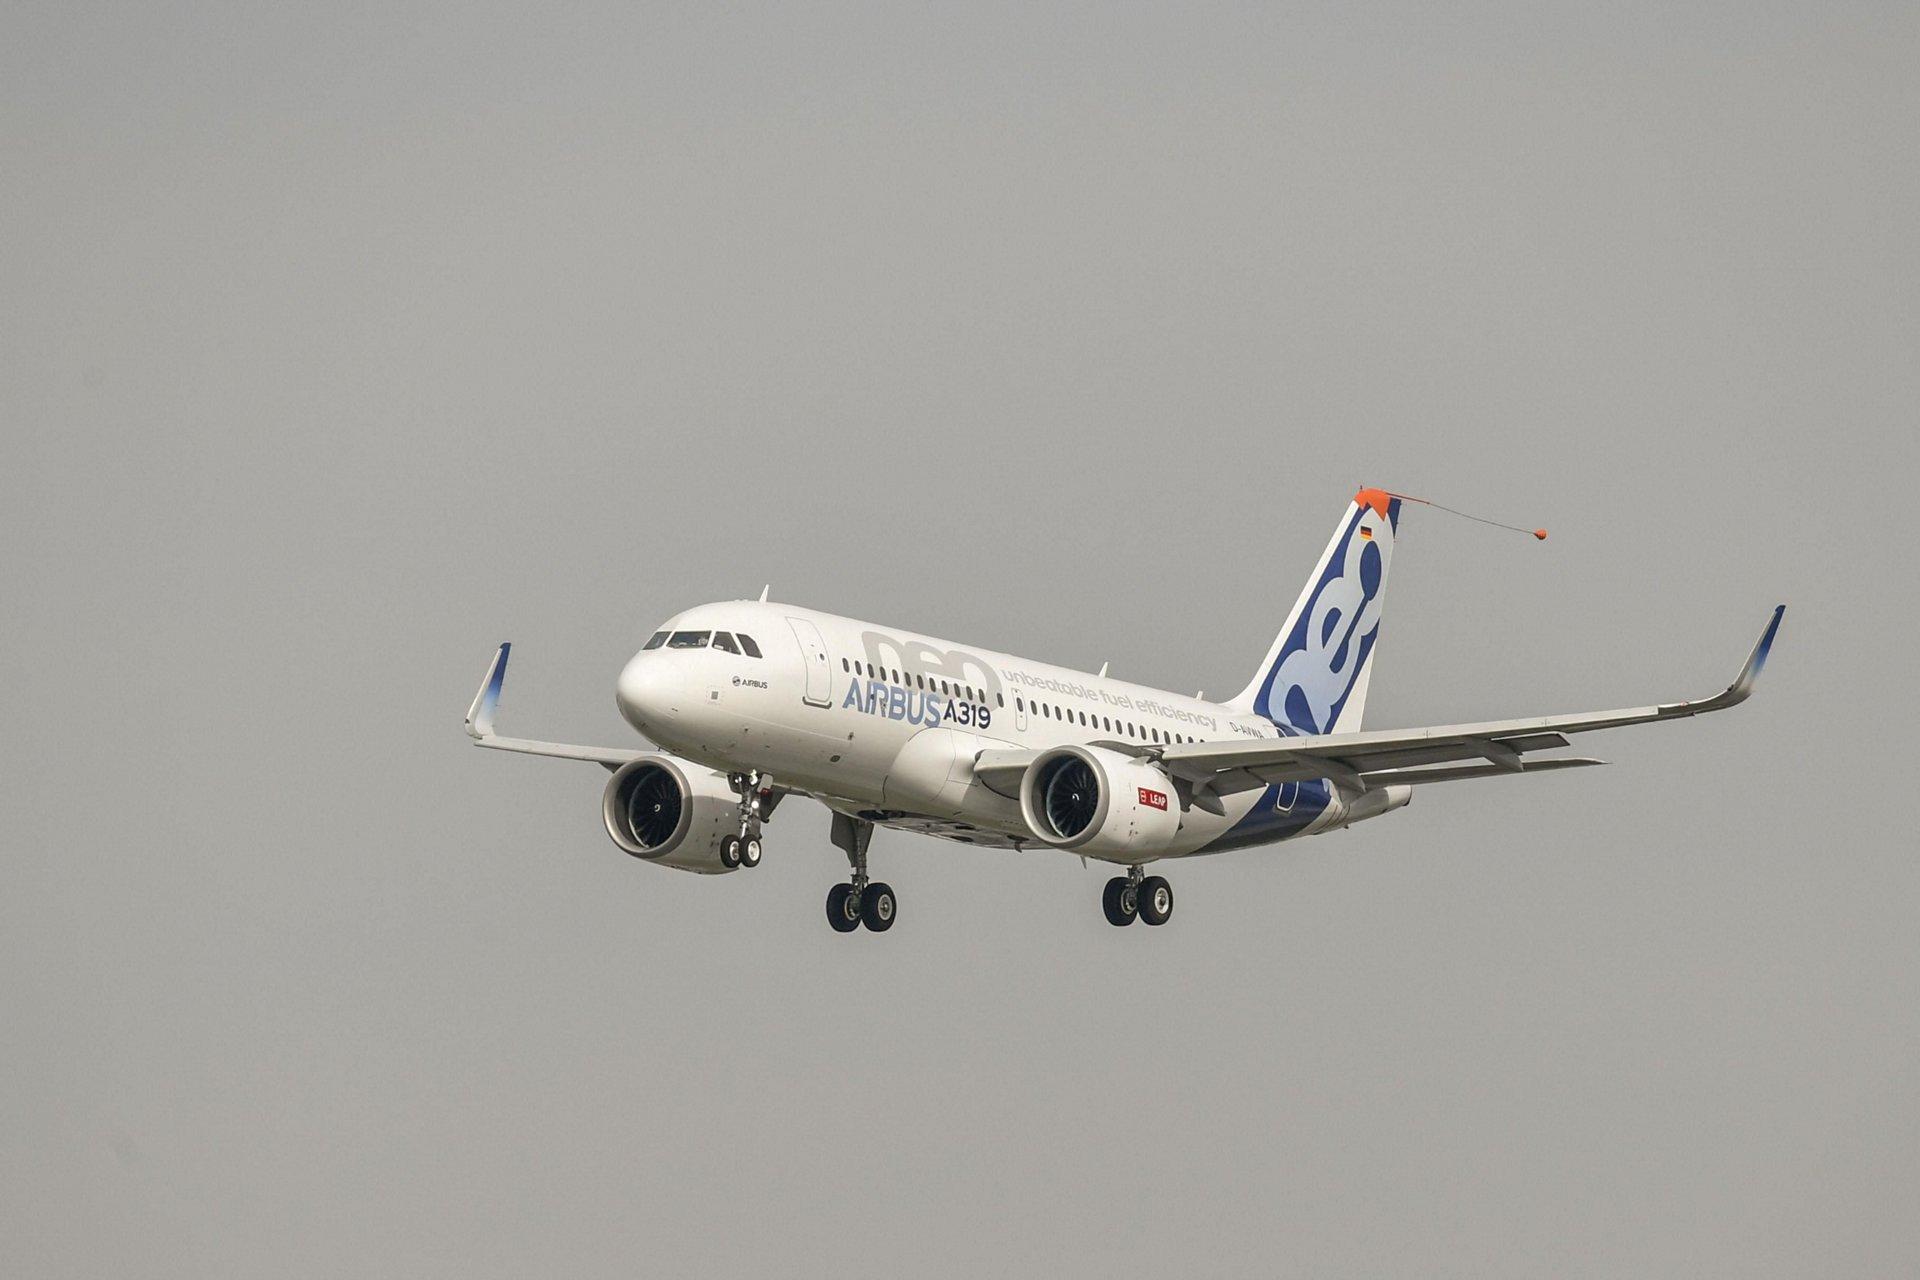 Airbus A319neo rompió récord de vuelo más largo de su familia